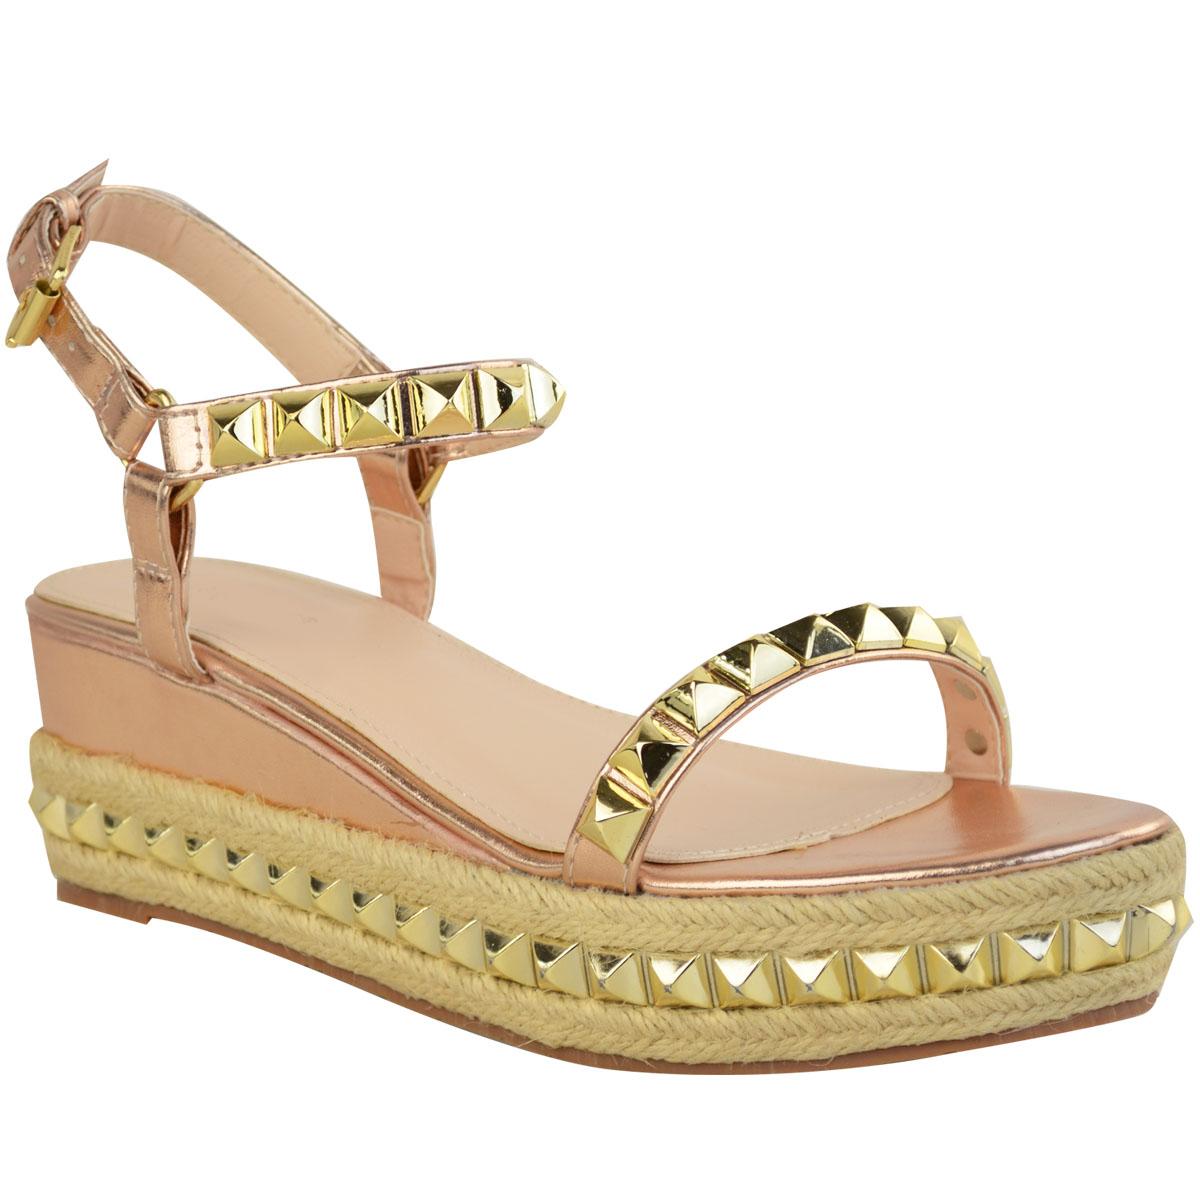 Platform Jelly Shoes Uk